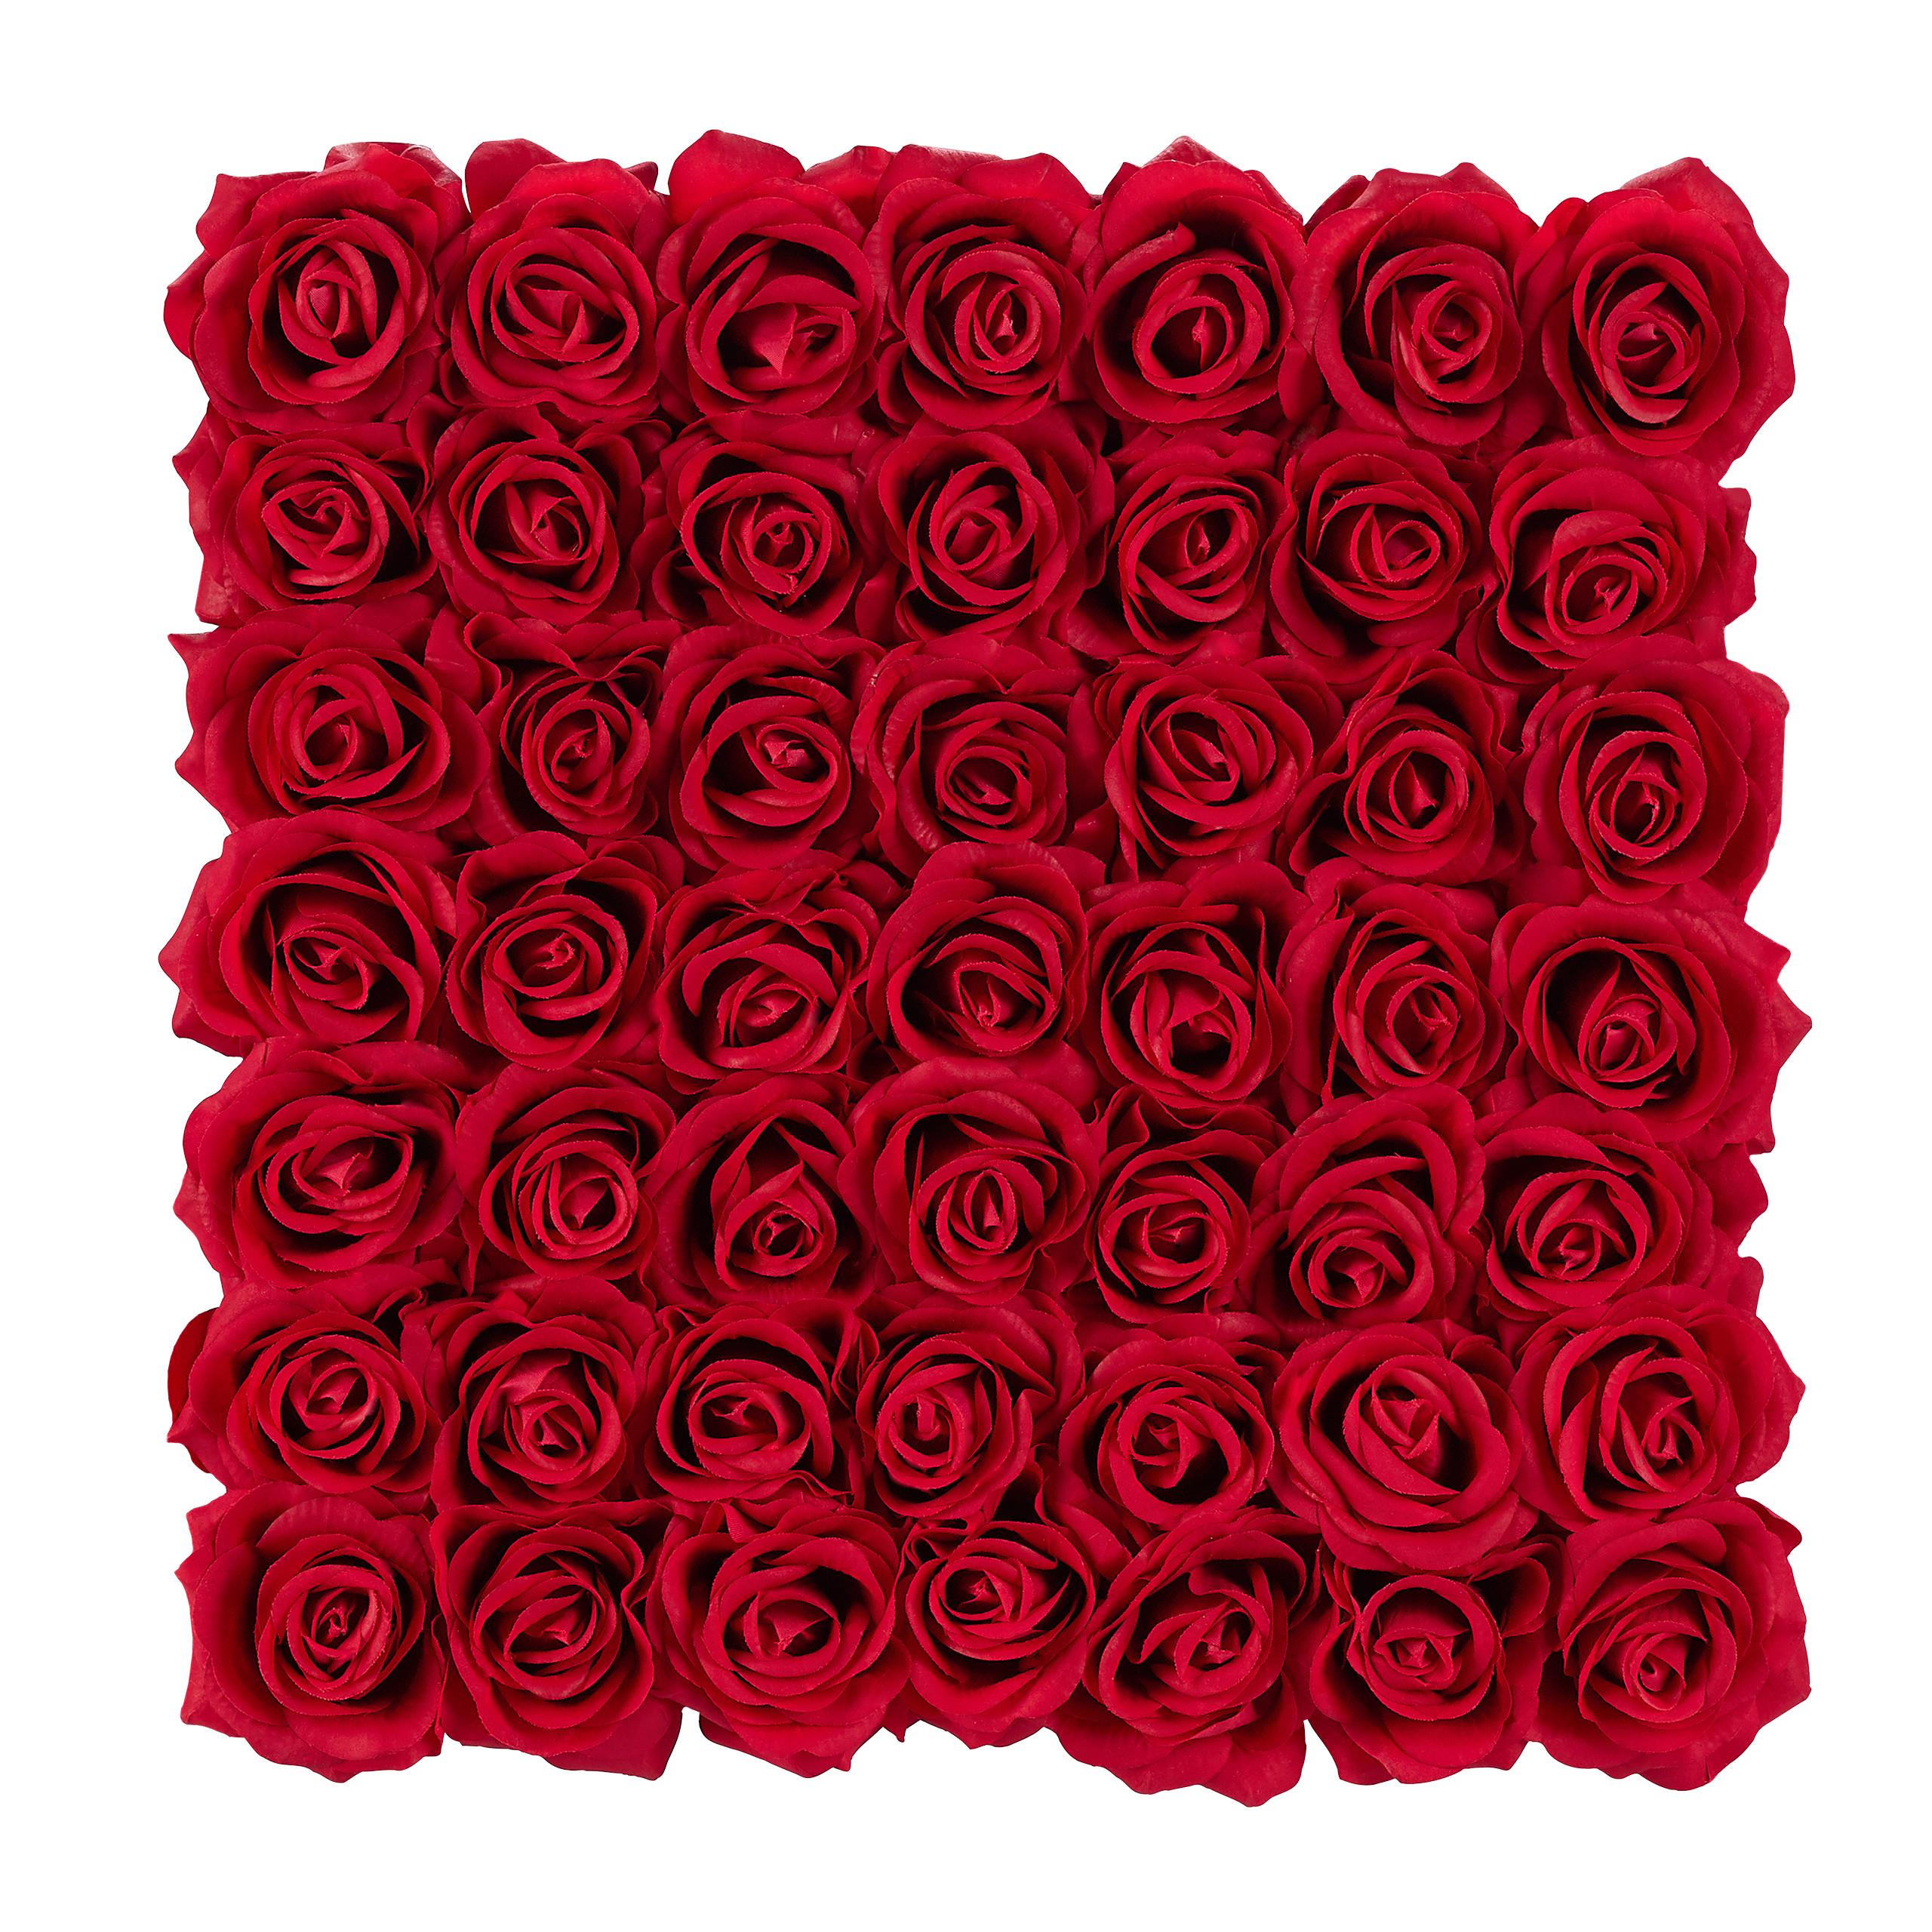 Rosenbox-Flowerbox-Ewige-Rosen-Blumenbox-49-Kunstblumen-eckig-Deko-Valentinstag Indexbild 11